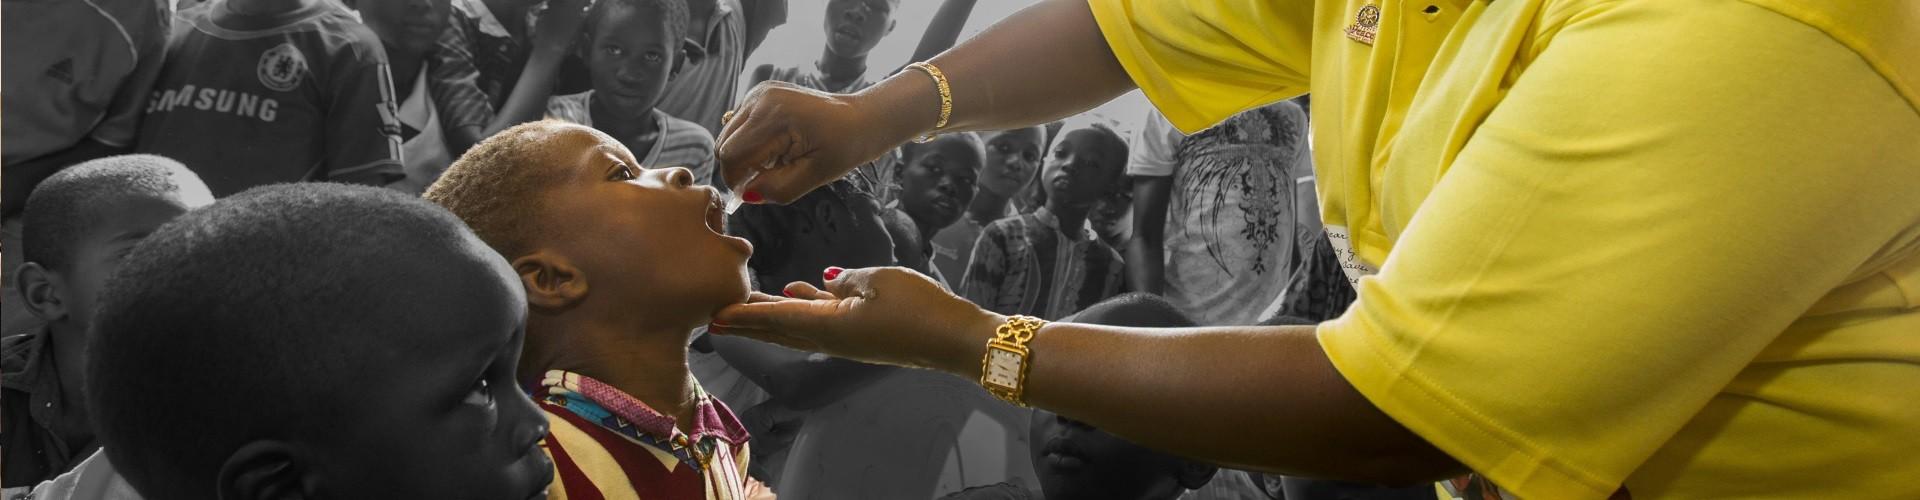 Gran Galà World Polio Day  - Interclub Fiuggi e Frosinone